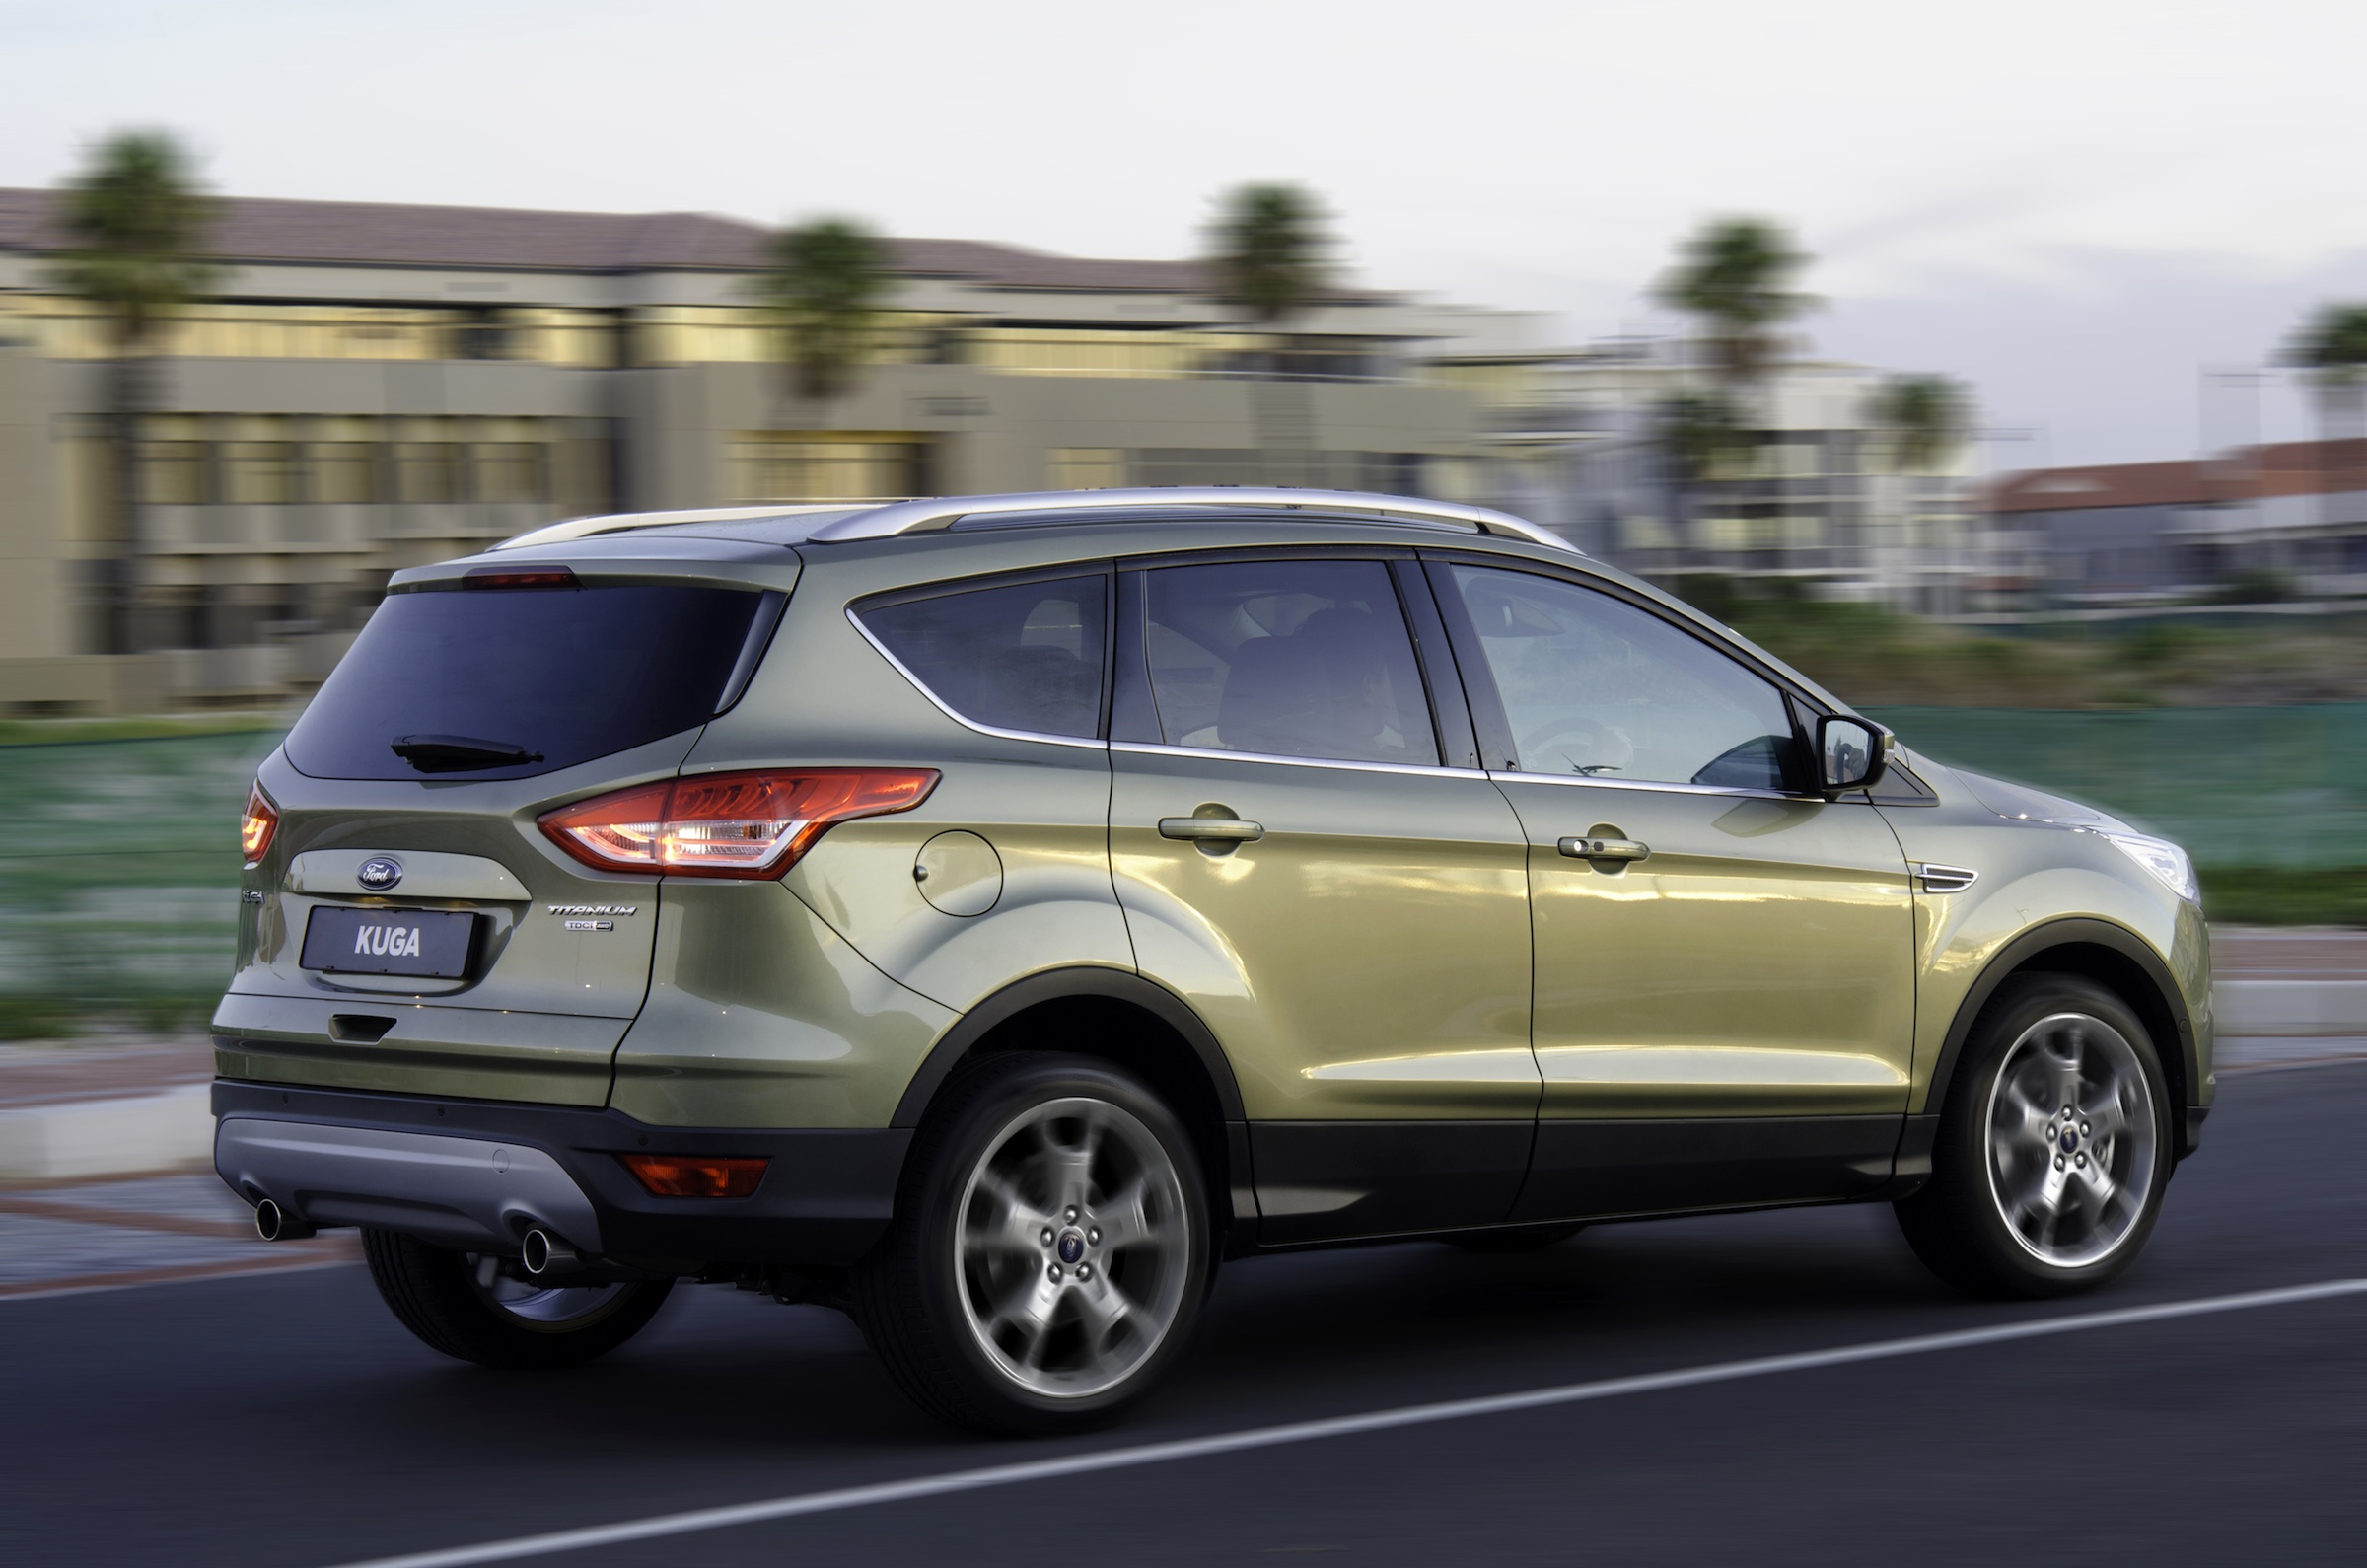 экстерьер-Ford-Kuga-2014-2015-4